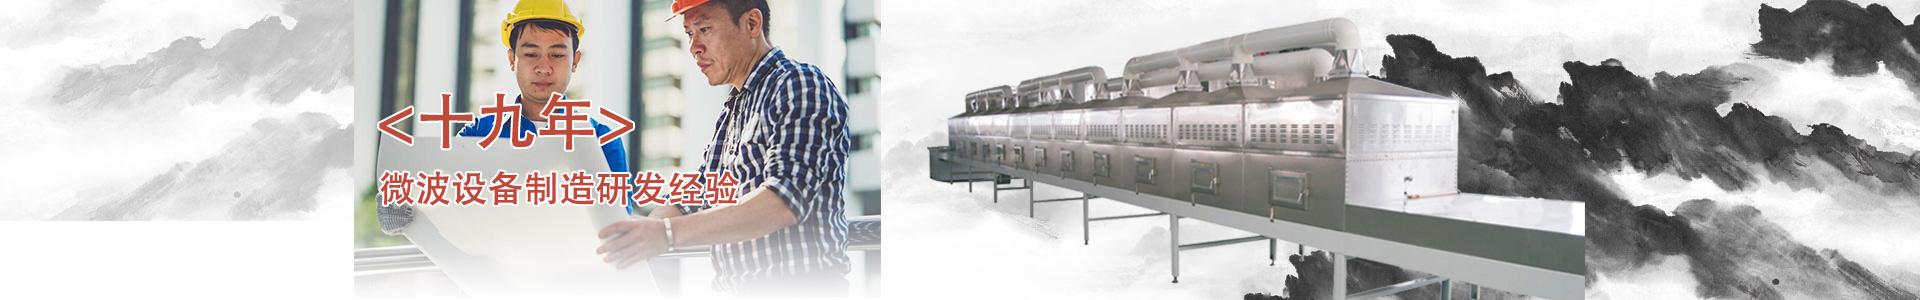 云顶集团4118.com微波设备北京奥林匹克运动会上海世博会指定供应商